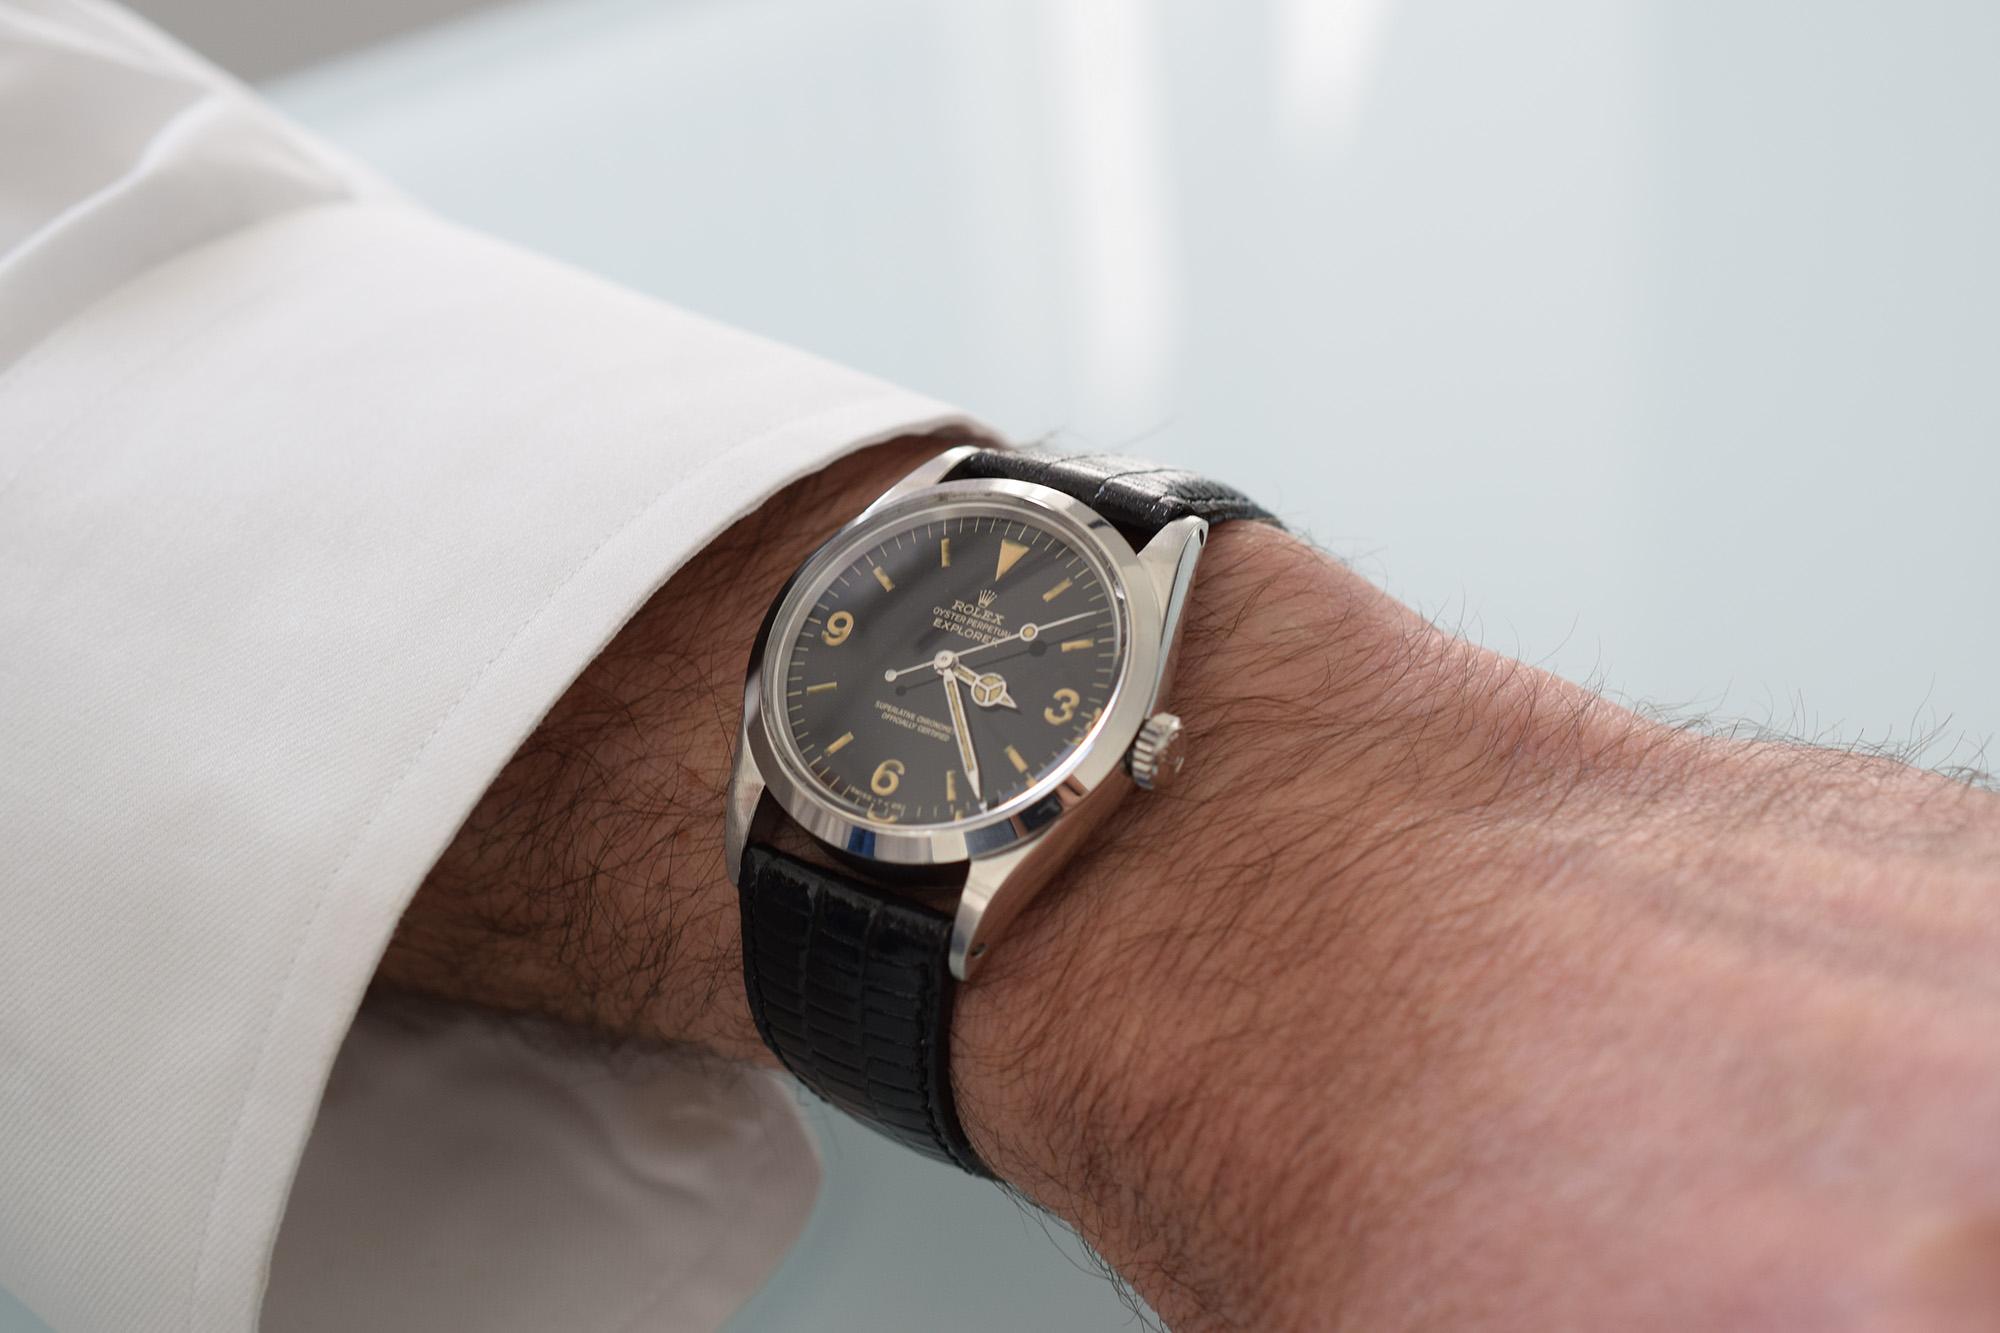 Rolex Explorer 1016 Gilt Dial Circa 1965 - Wristshot